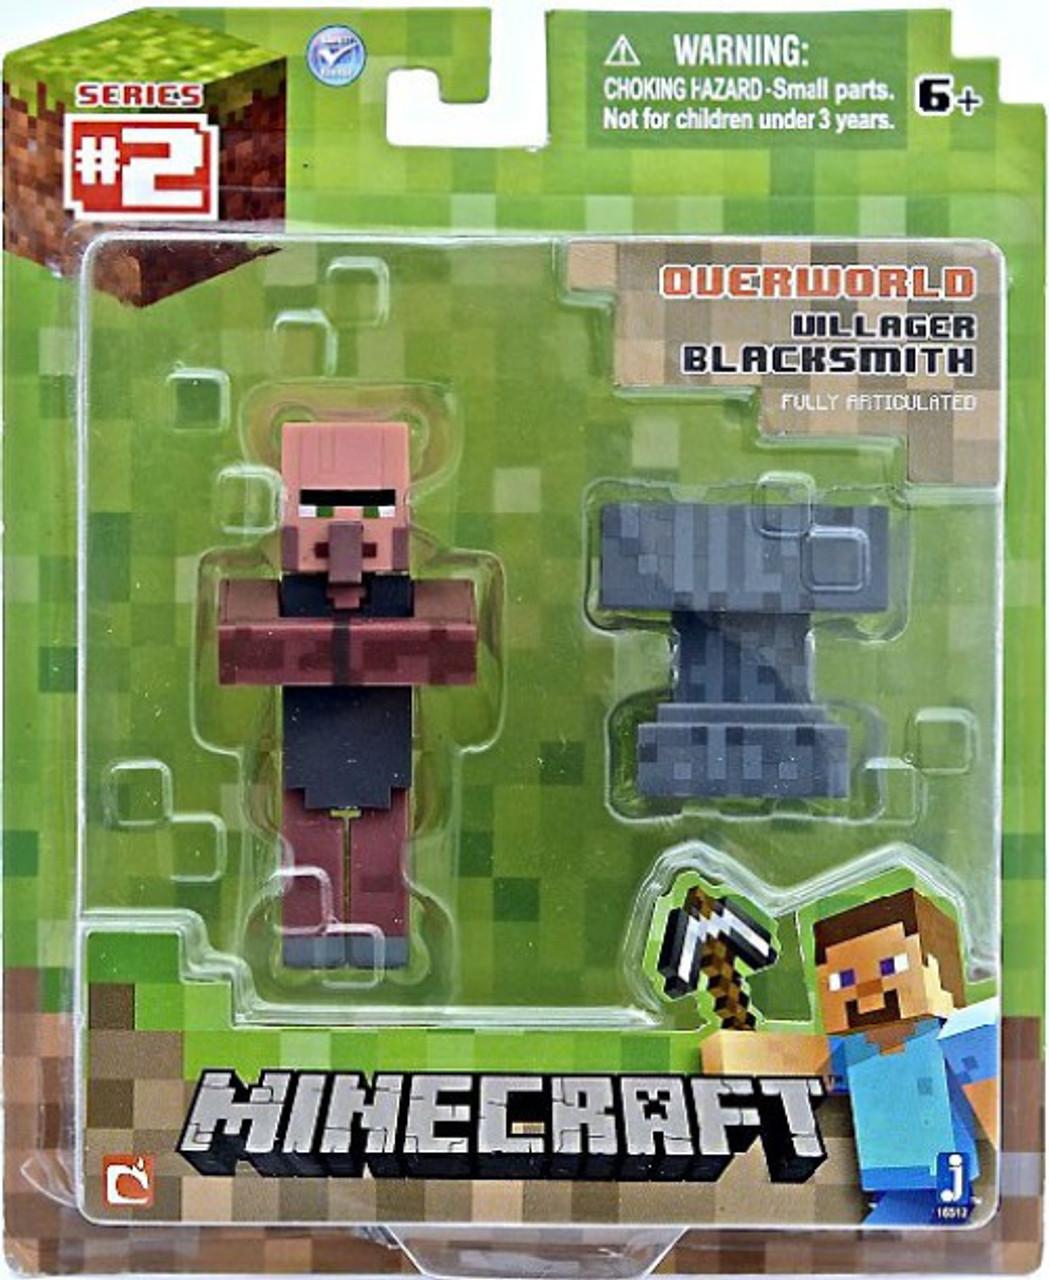 Minecraft Series 2 Villager Blacksmith Action Figure